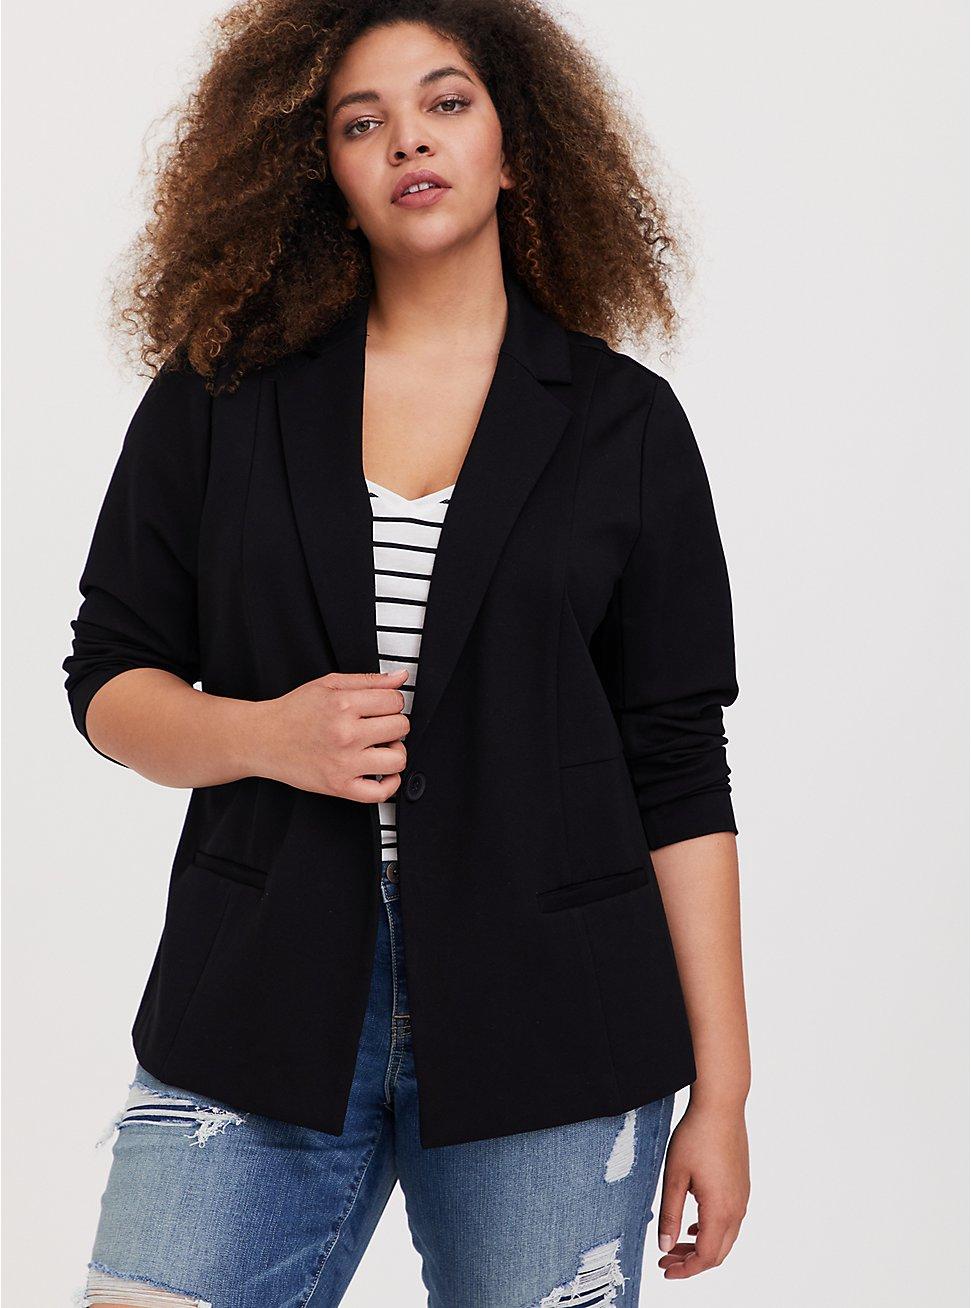 Black Premium Ponte Classic Blazer, DEEP BLACK, hi-res